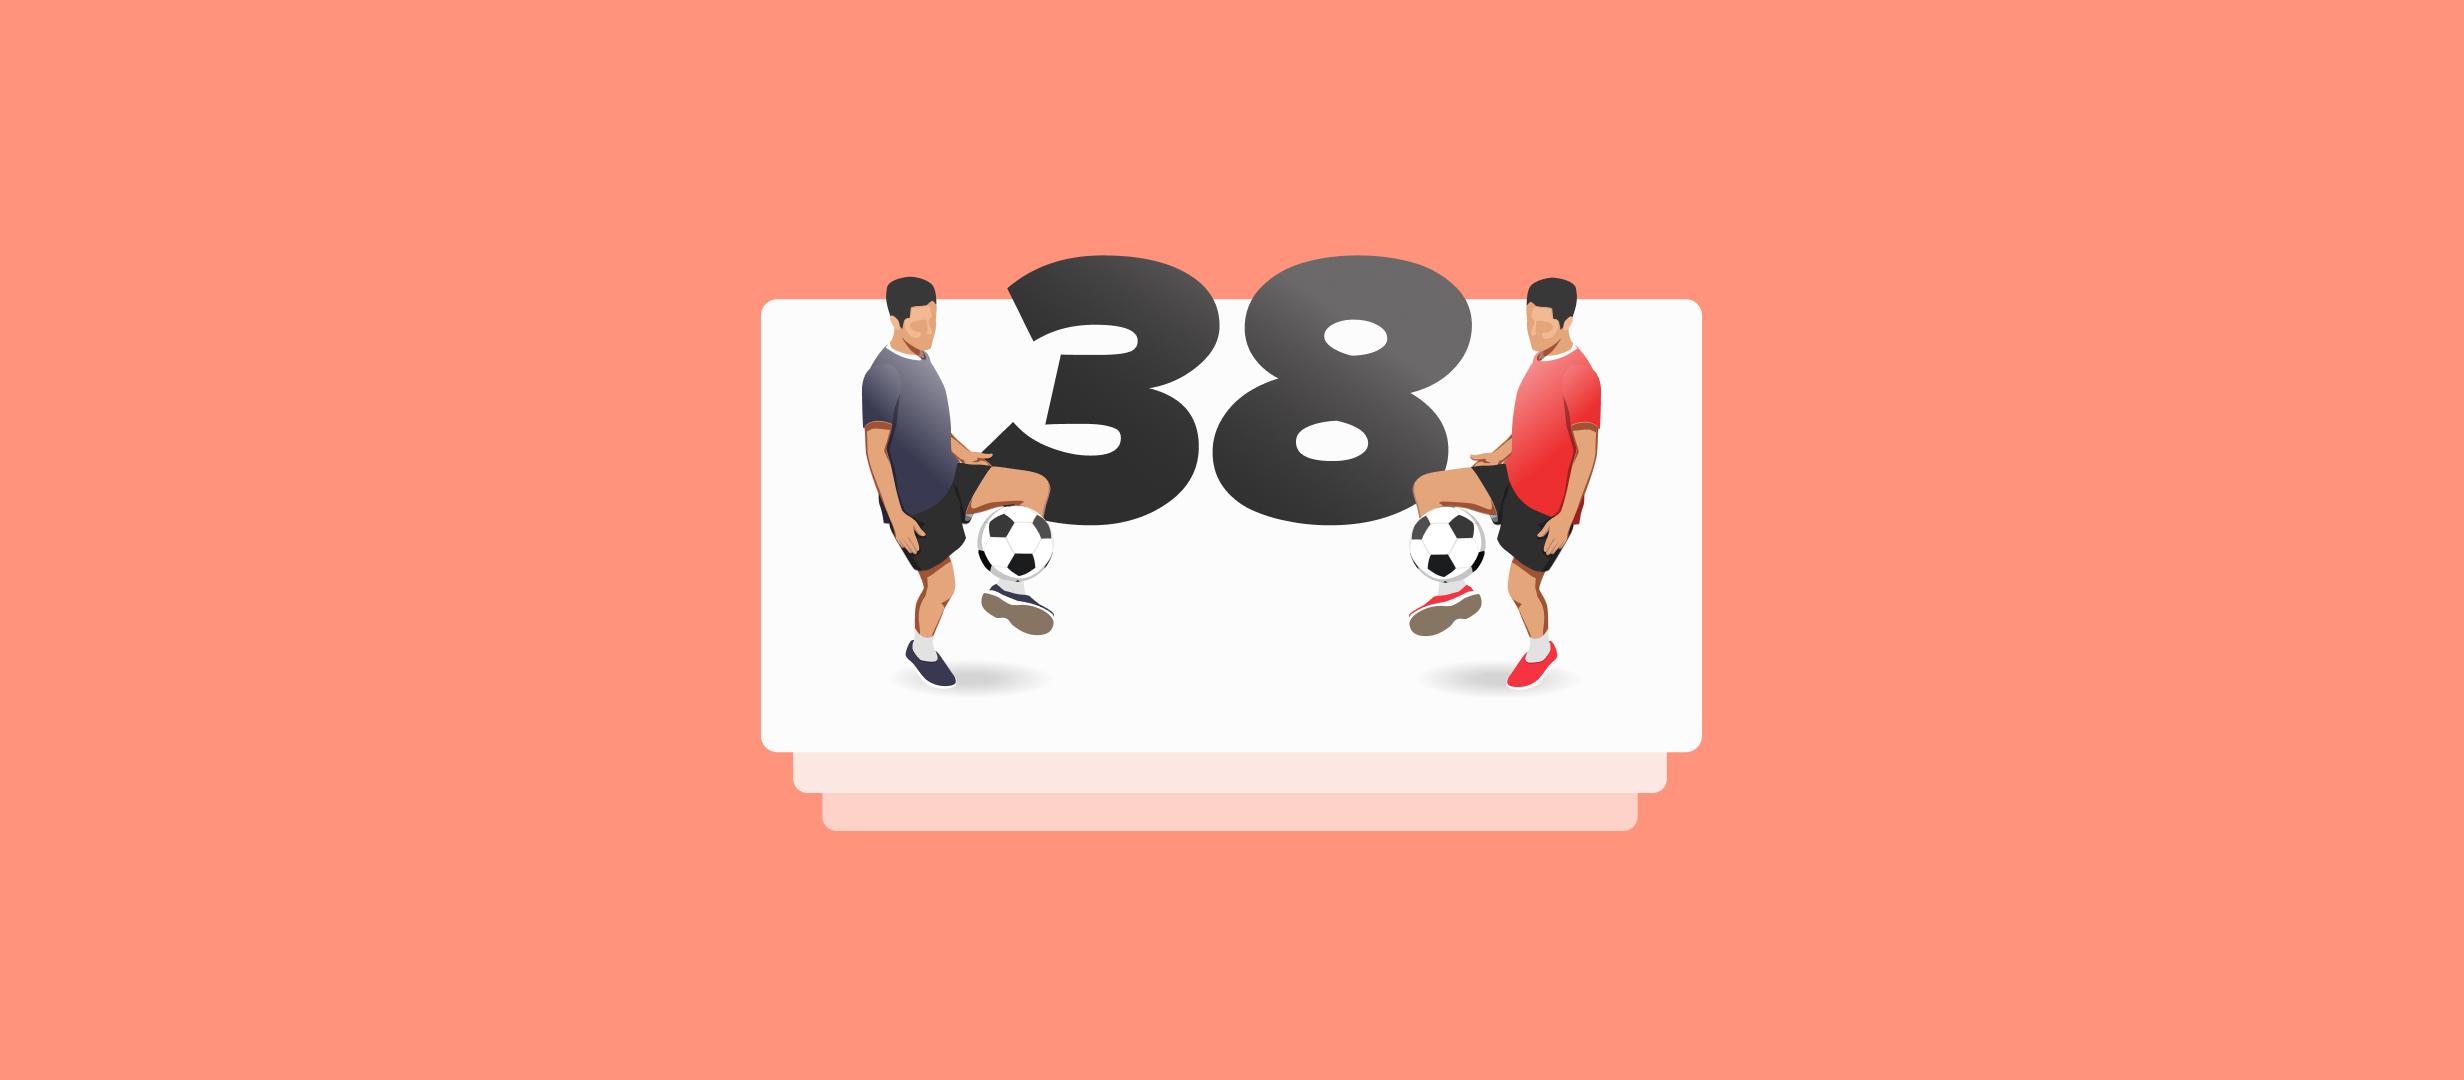 Роналду против Месси: букмекеры ставят на португальца в гонке голов в сезоне-2021/22